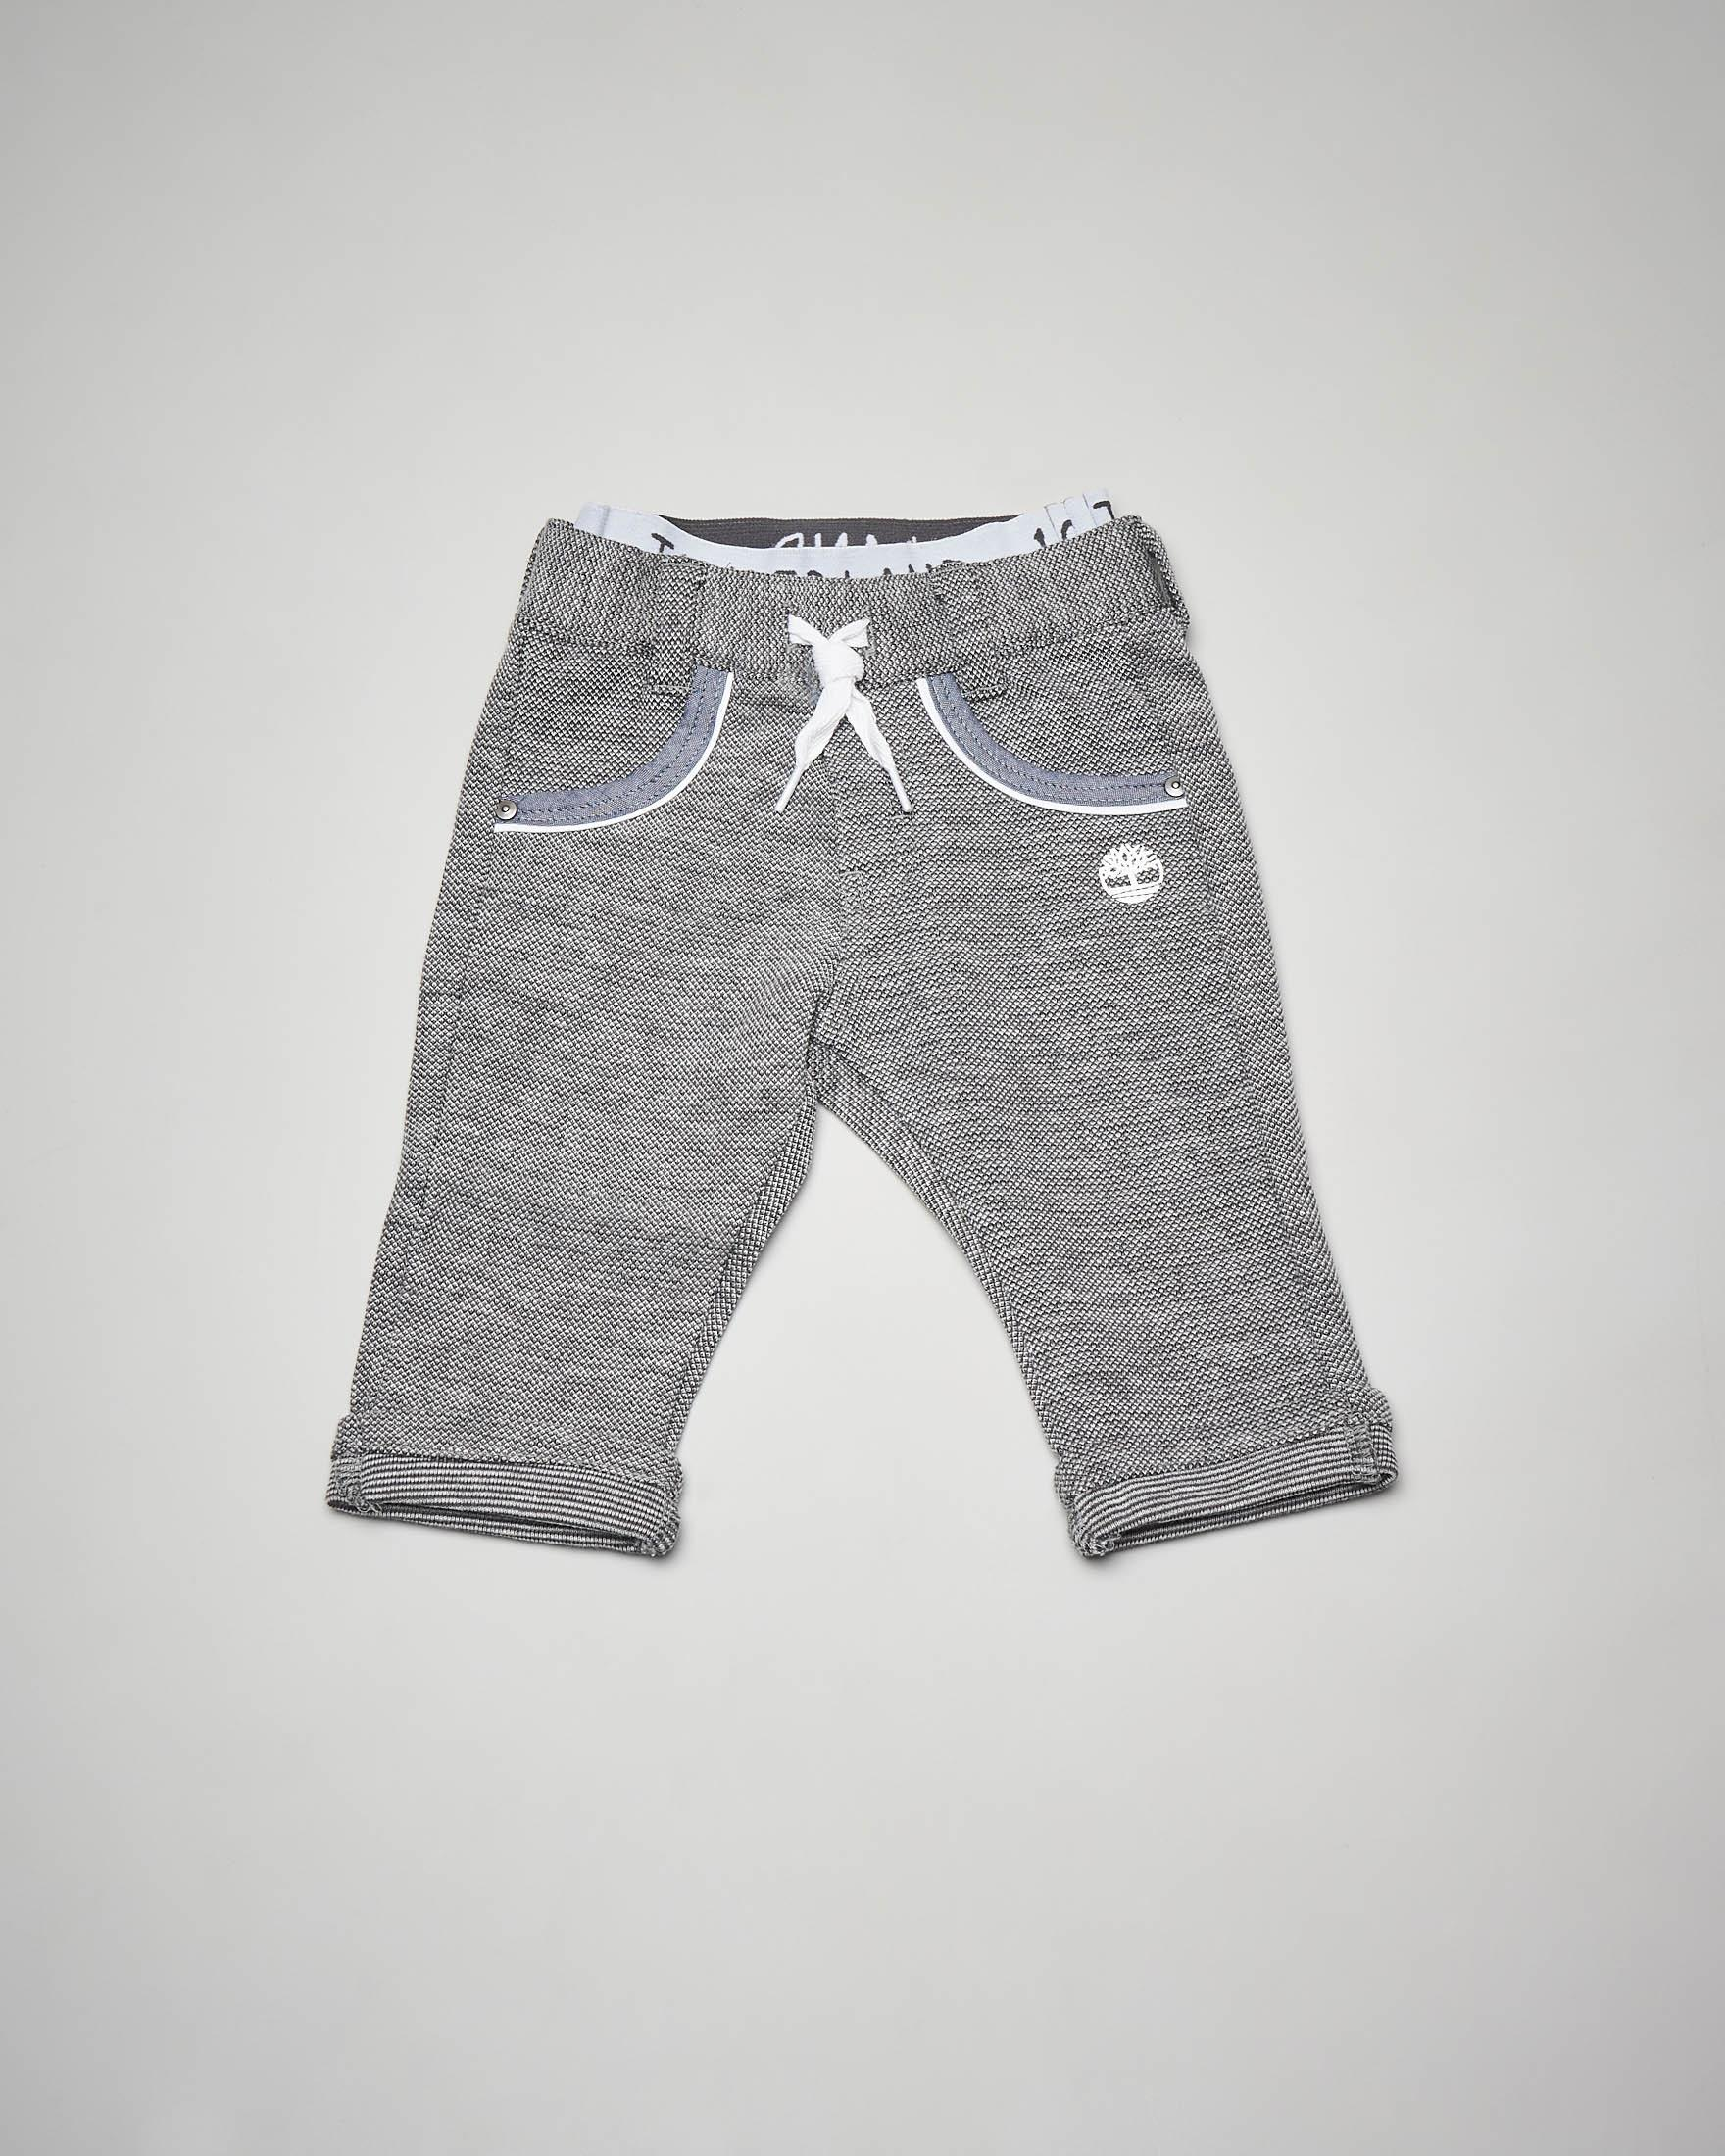 Pantalone grigio chiaro in piquet di cotone 3-18 mesi